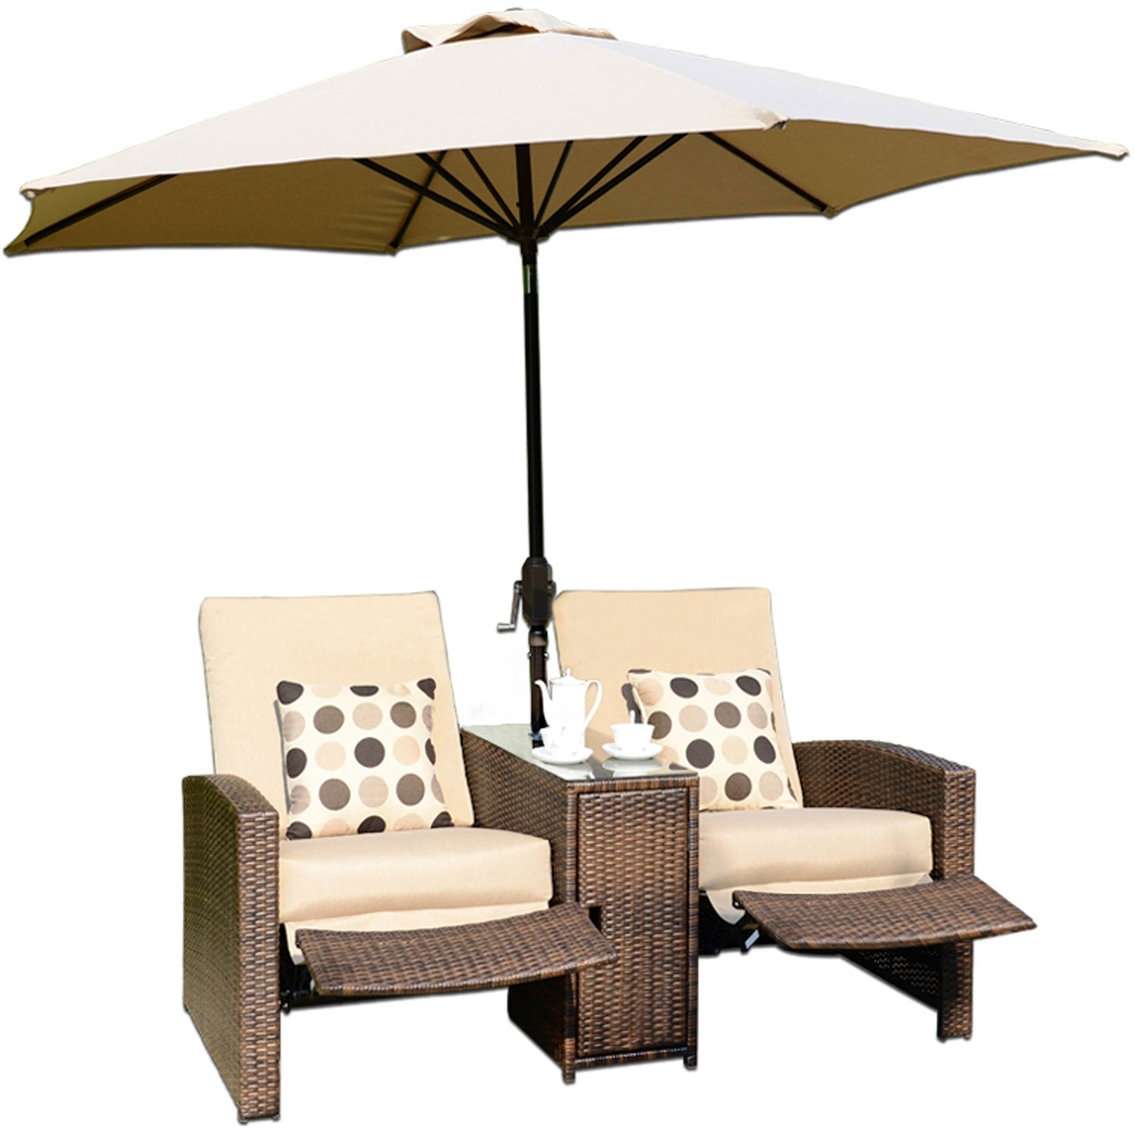 Sunmate Casual Villa Nova 2 Person Recliner With Center Table, Storage U0026  Umbrella